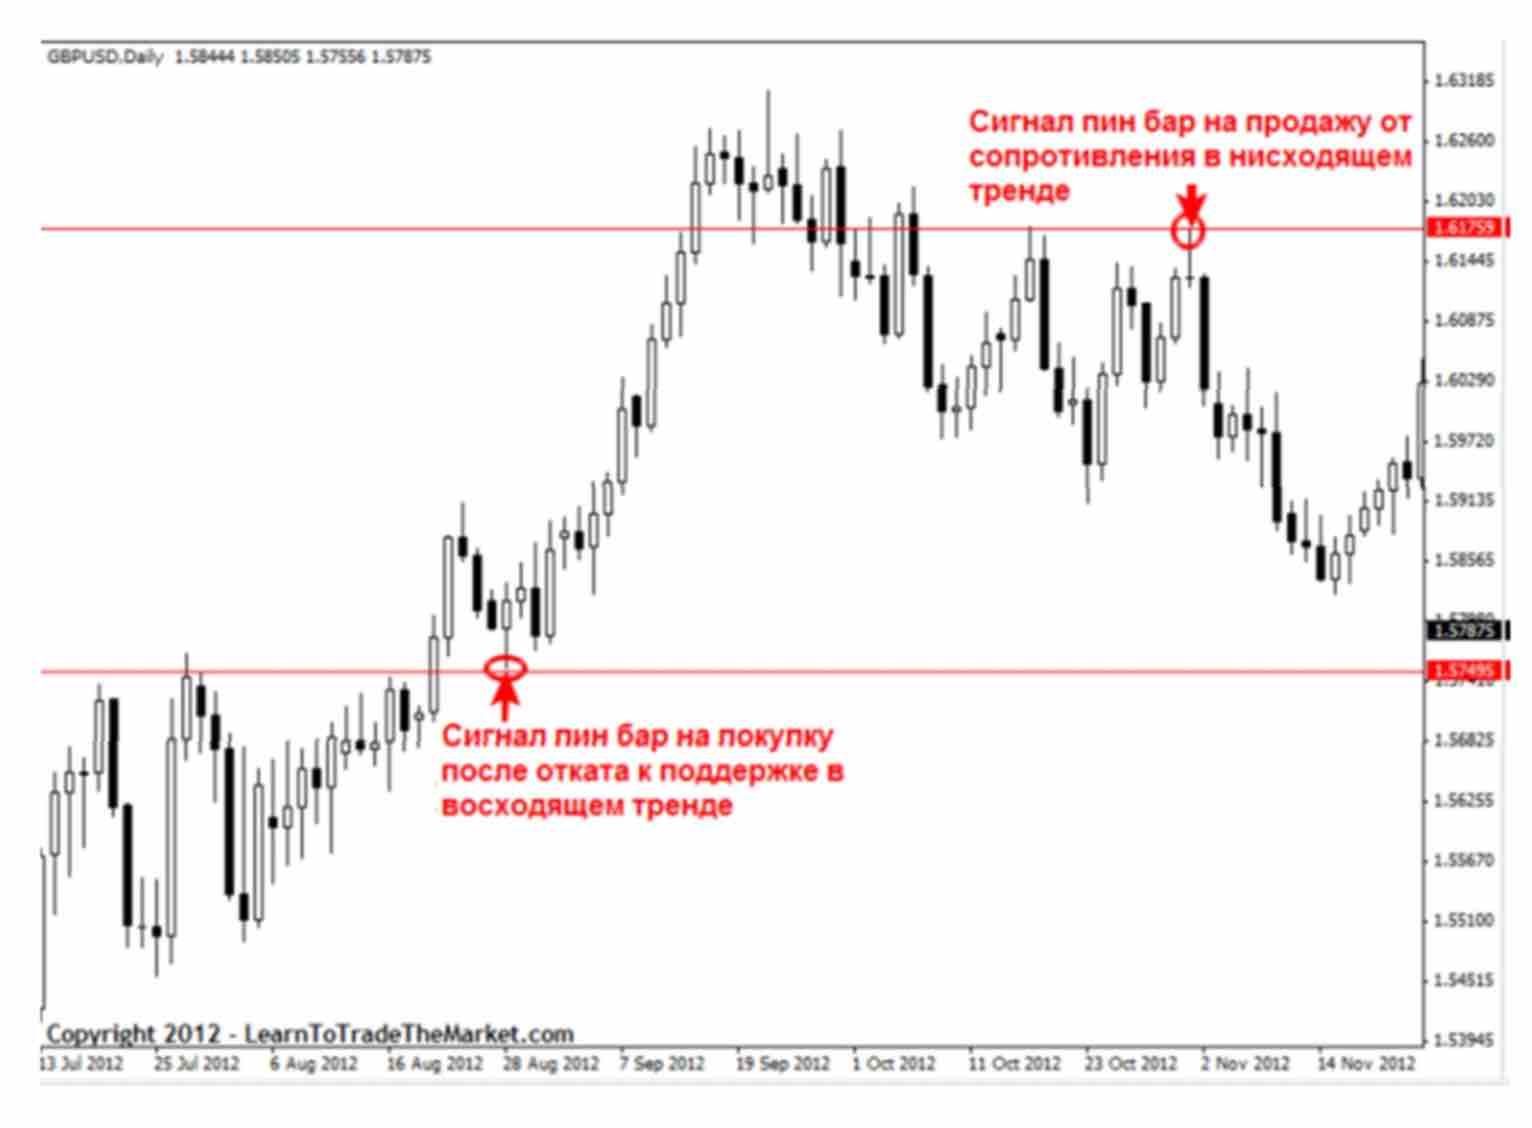 signal 07 Как отличить хорошие и плохие торговые сигналы прайс экшен?